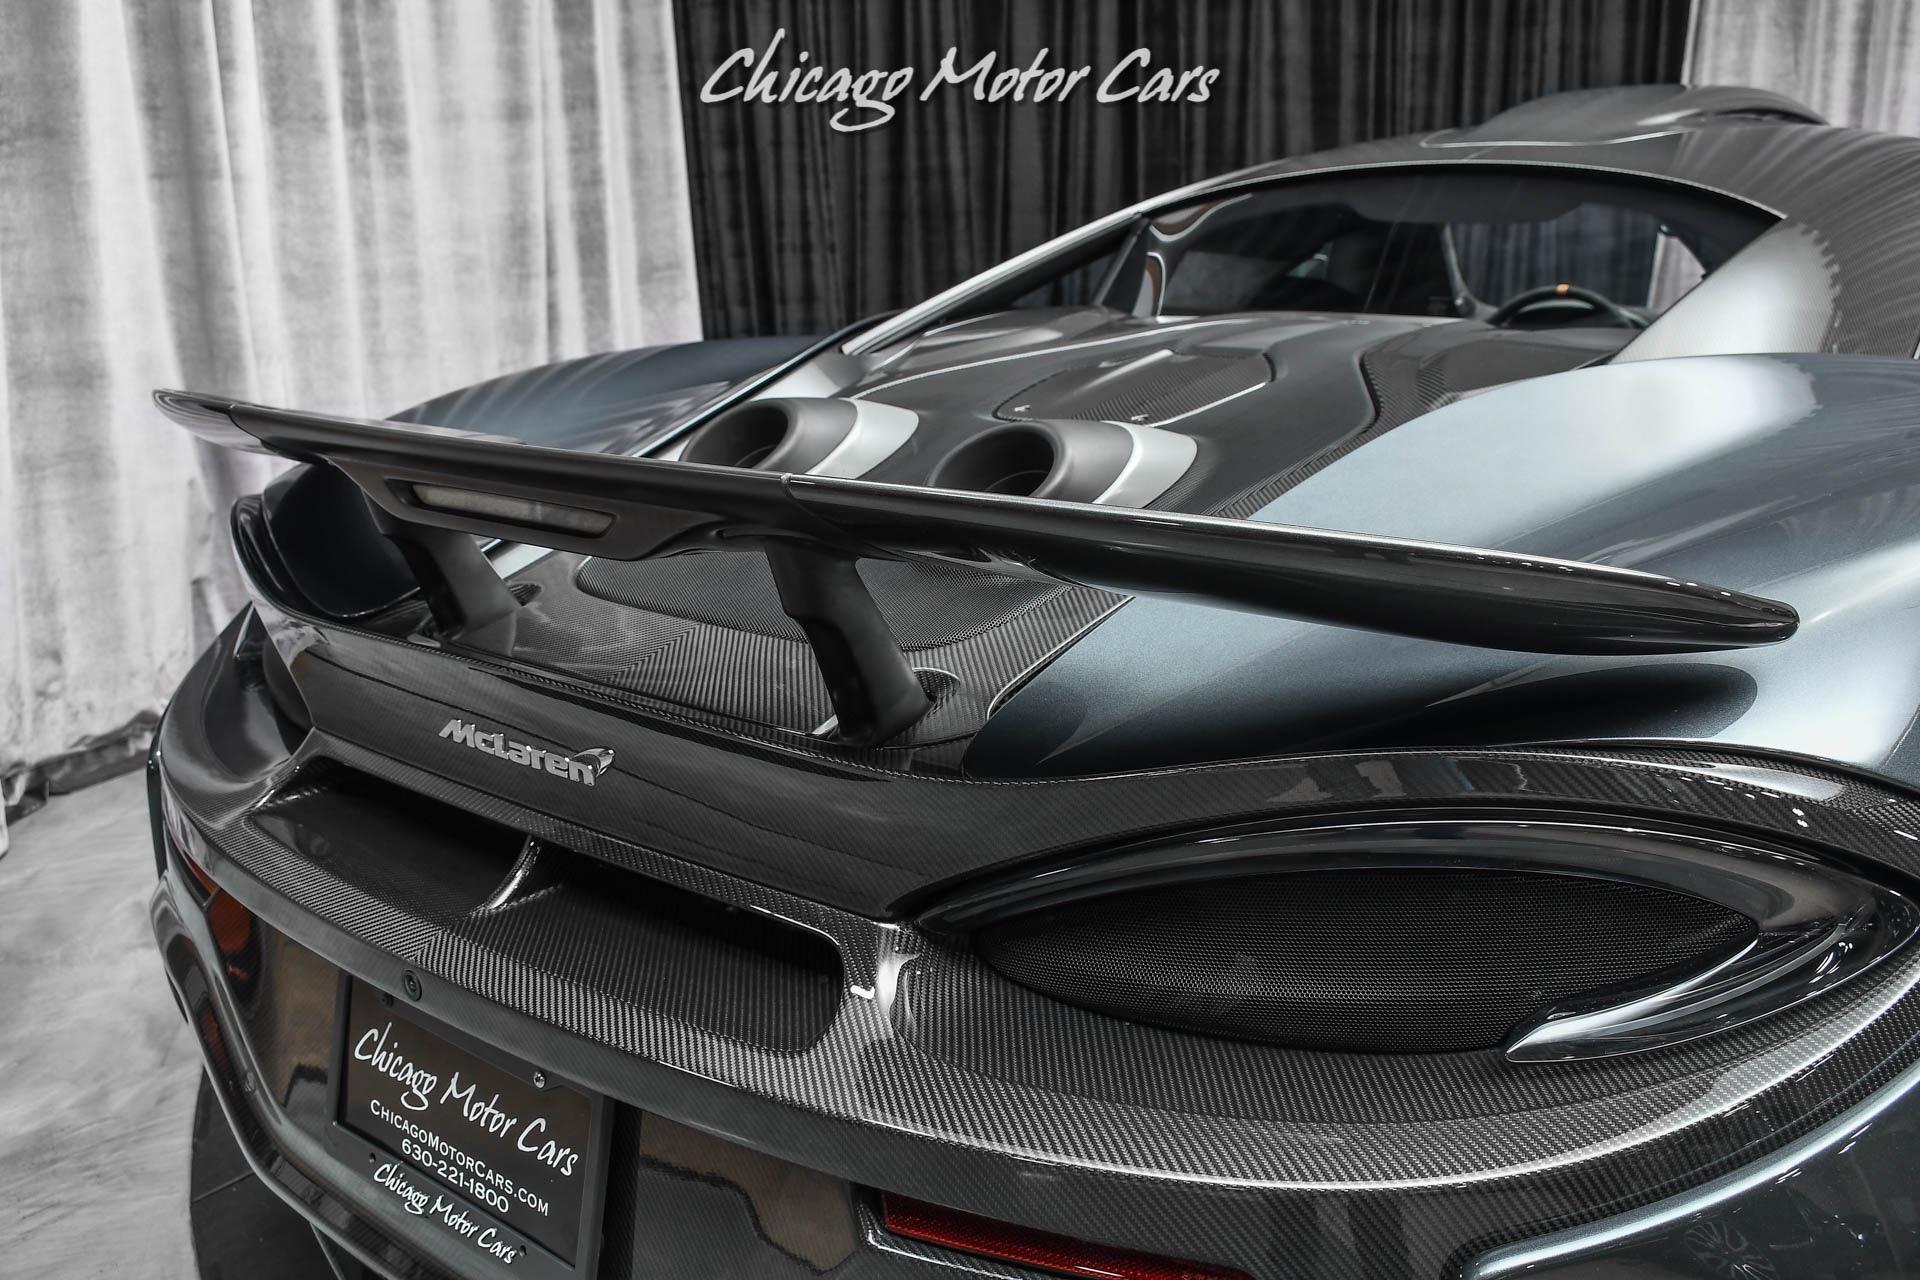 Used-2019-McLaren-600LT-RARE-Club-Sport-Pro-Pack-MSO-Roof-Scoop